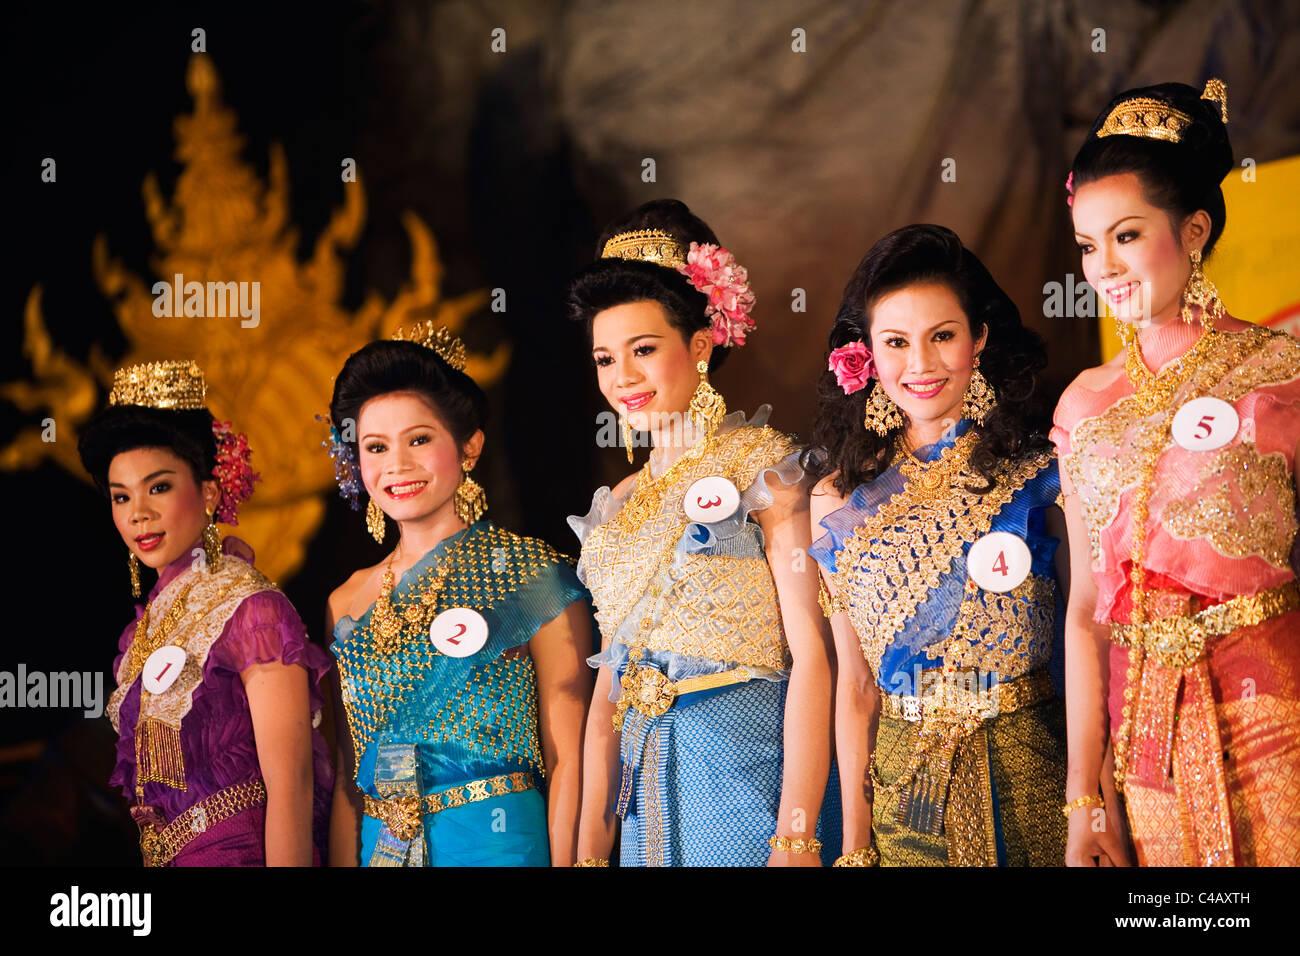 asiatische katoey bildergalerie